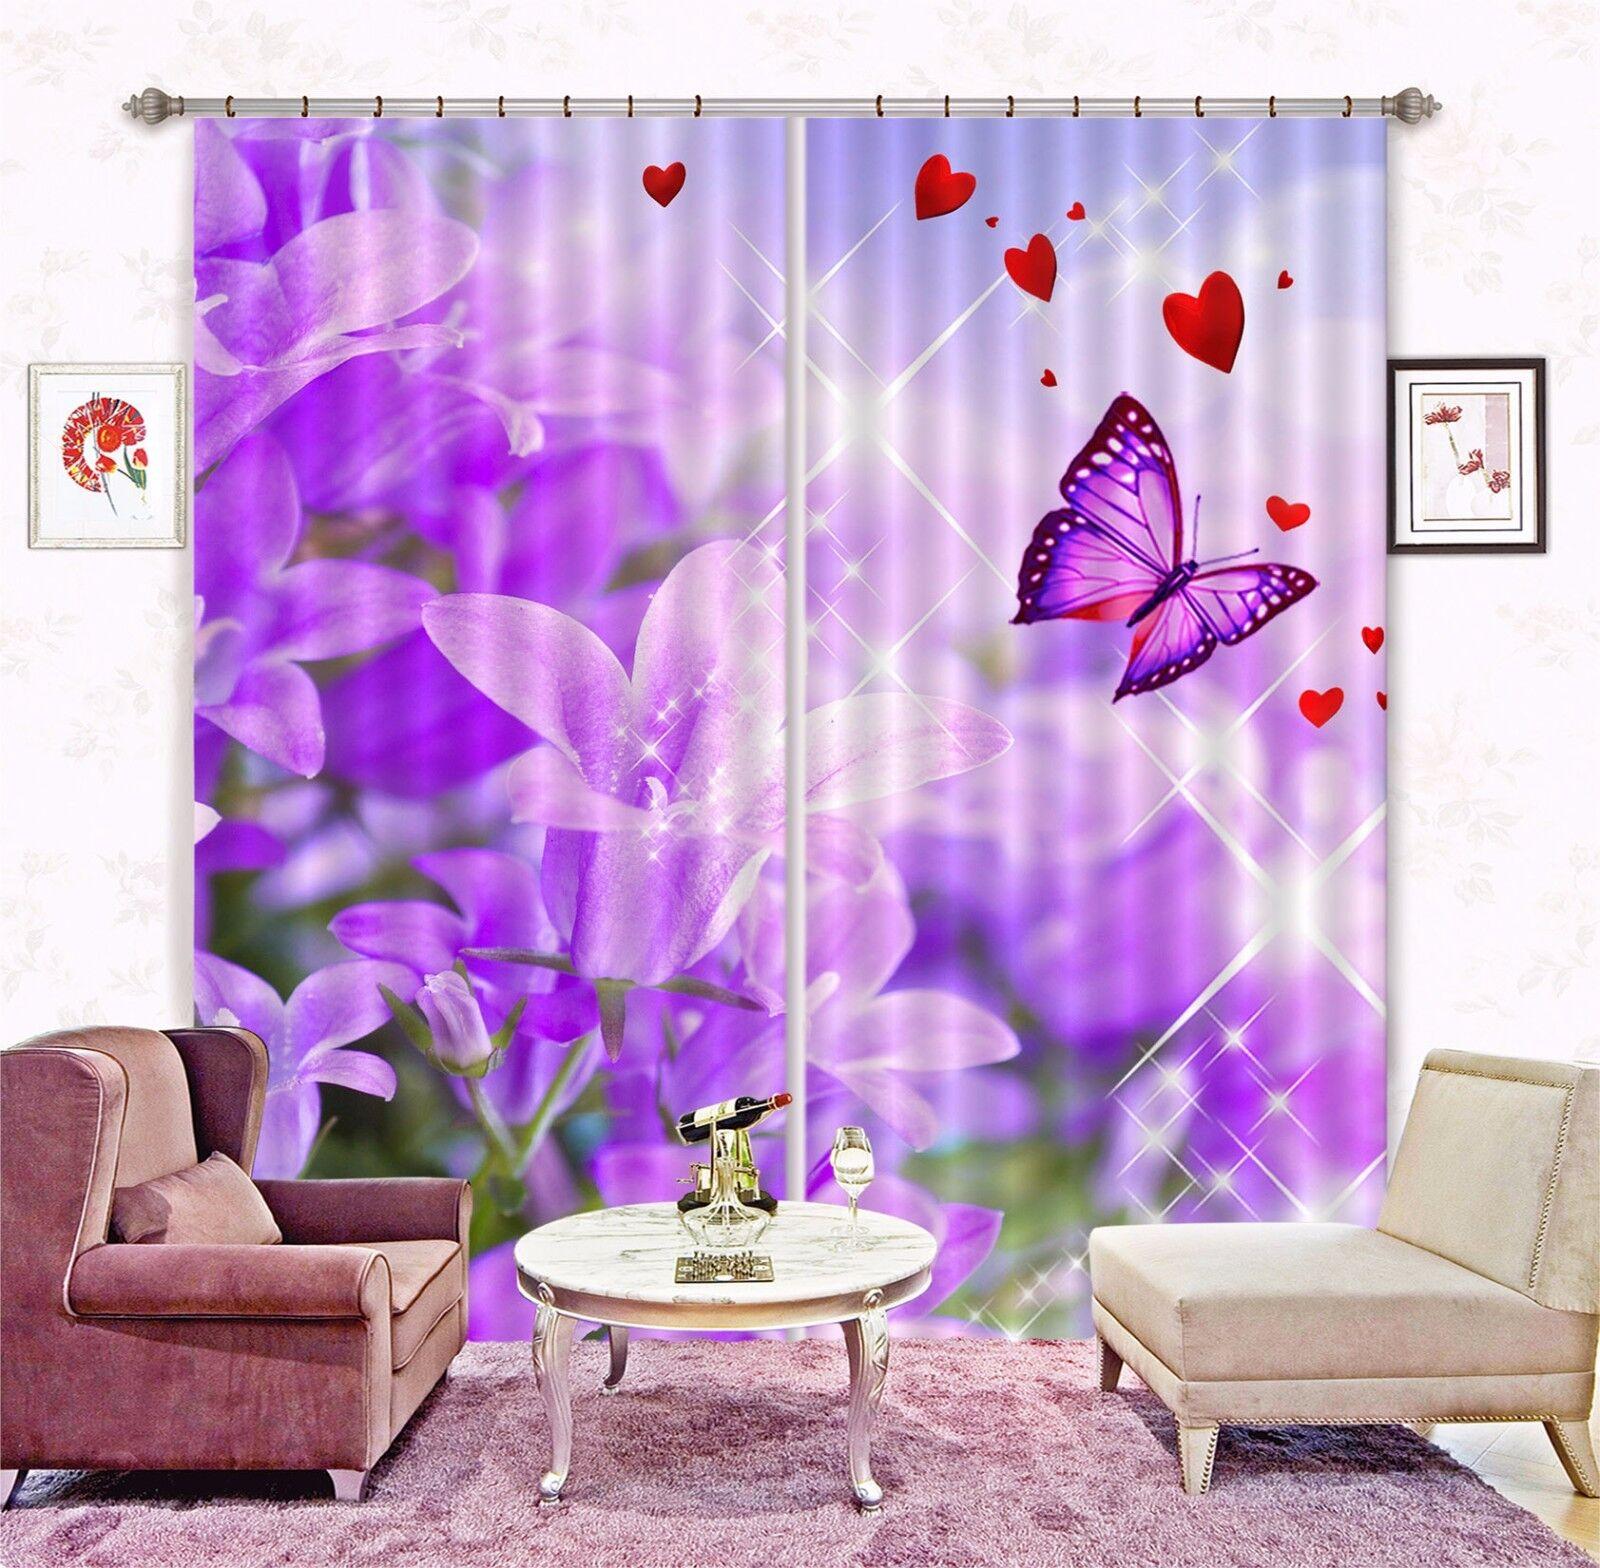 3D Cortina de fantasía Bloom 5 Blockout Foto Impresión Cortinas Cortinas Ventana De Tela Reino Unido